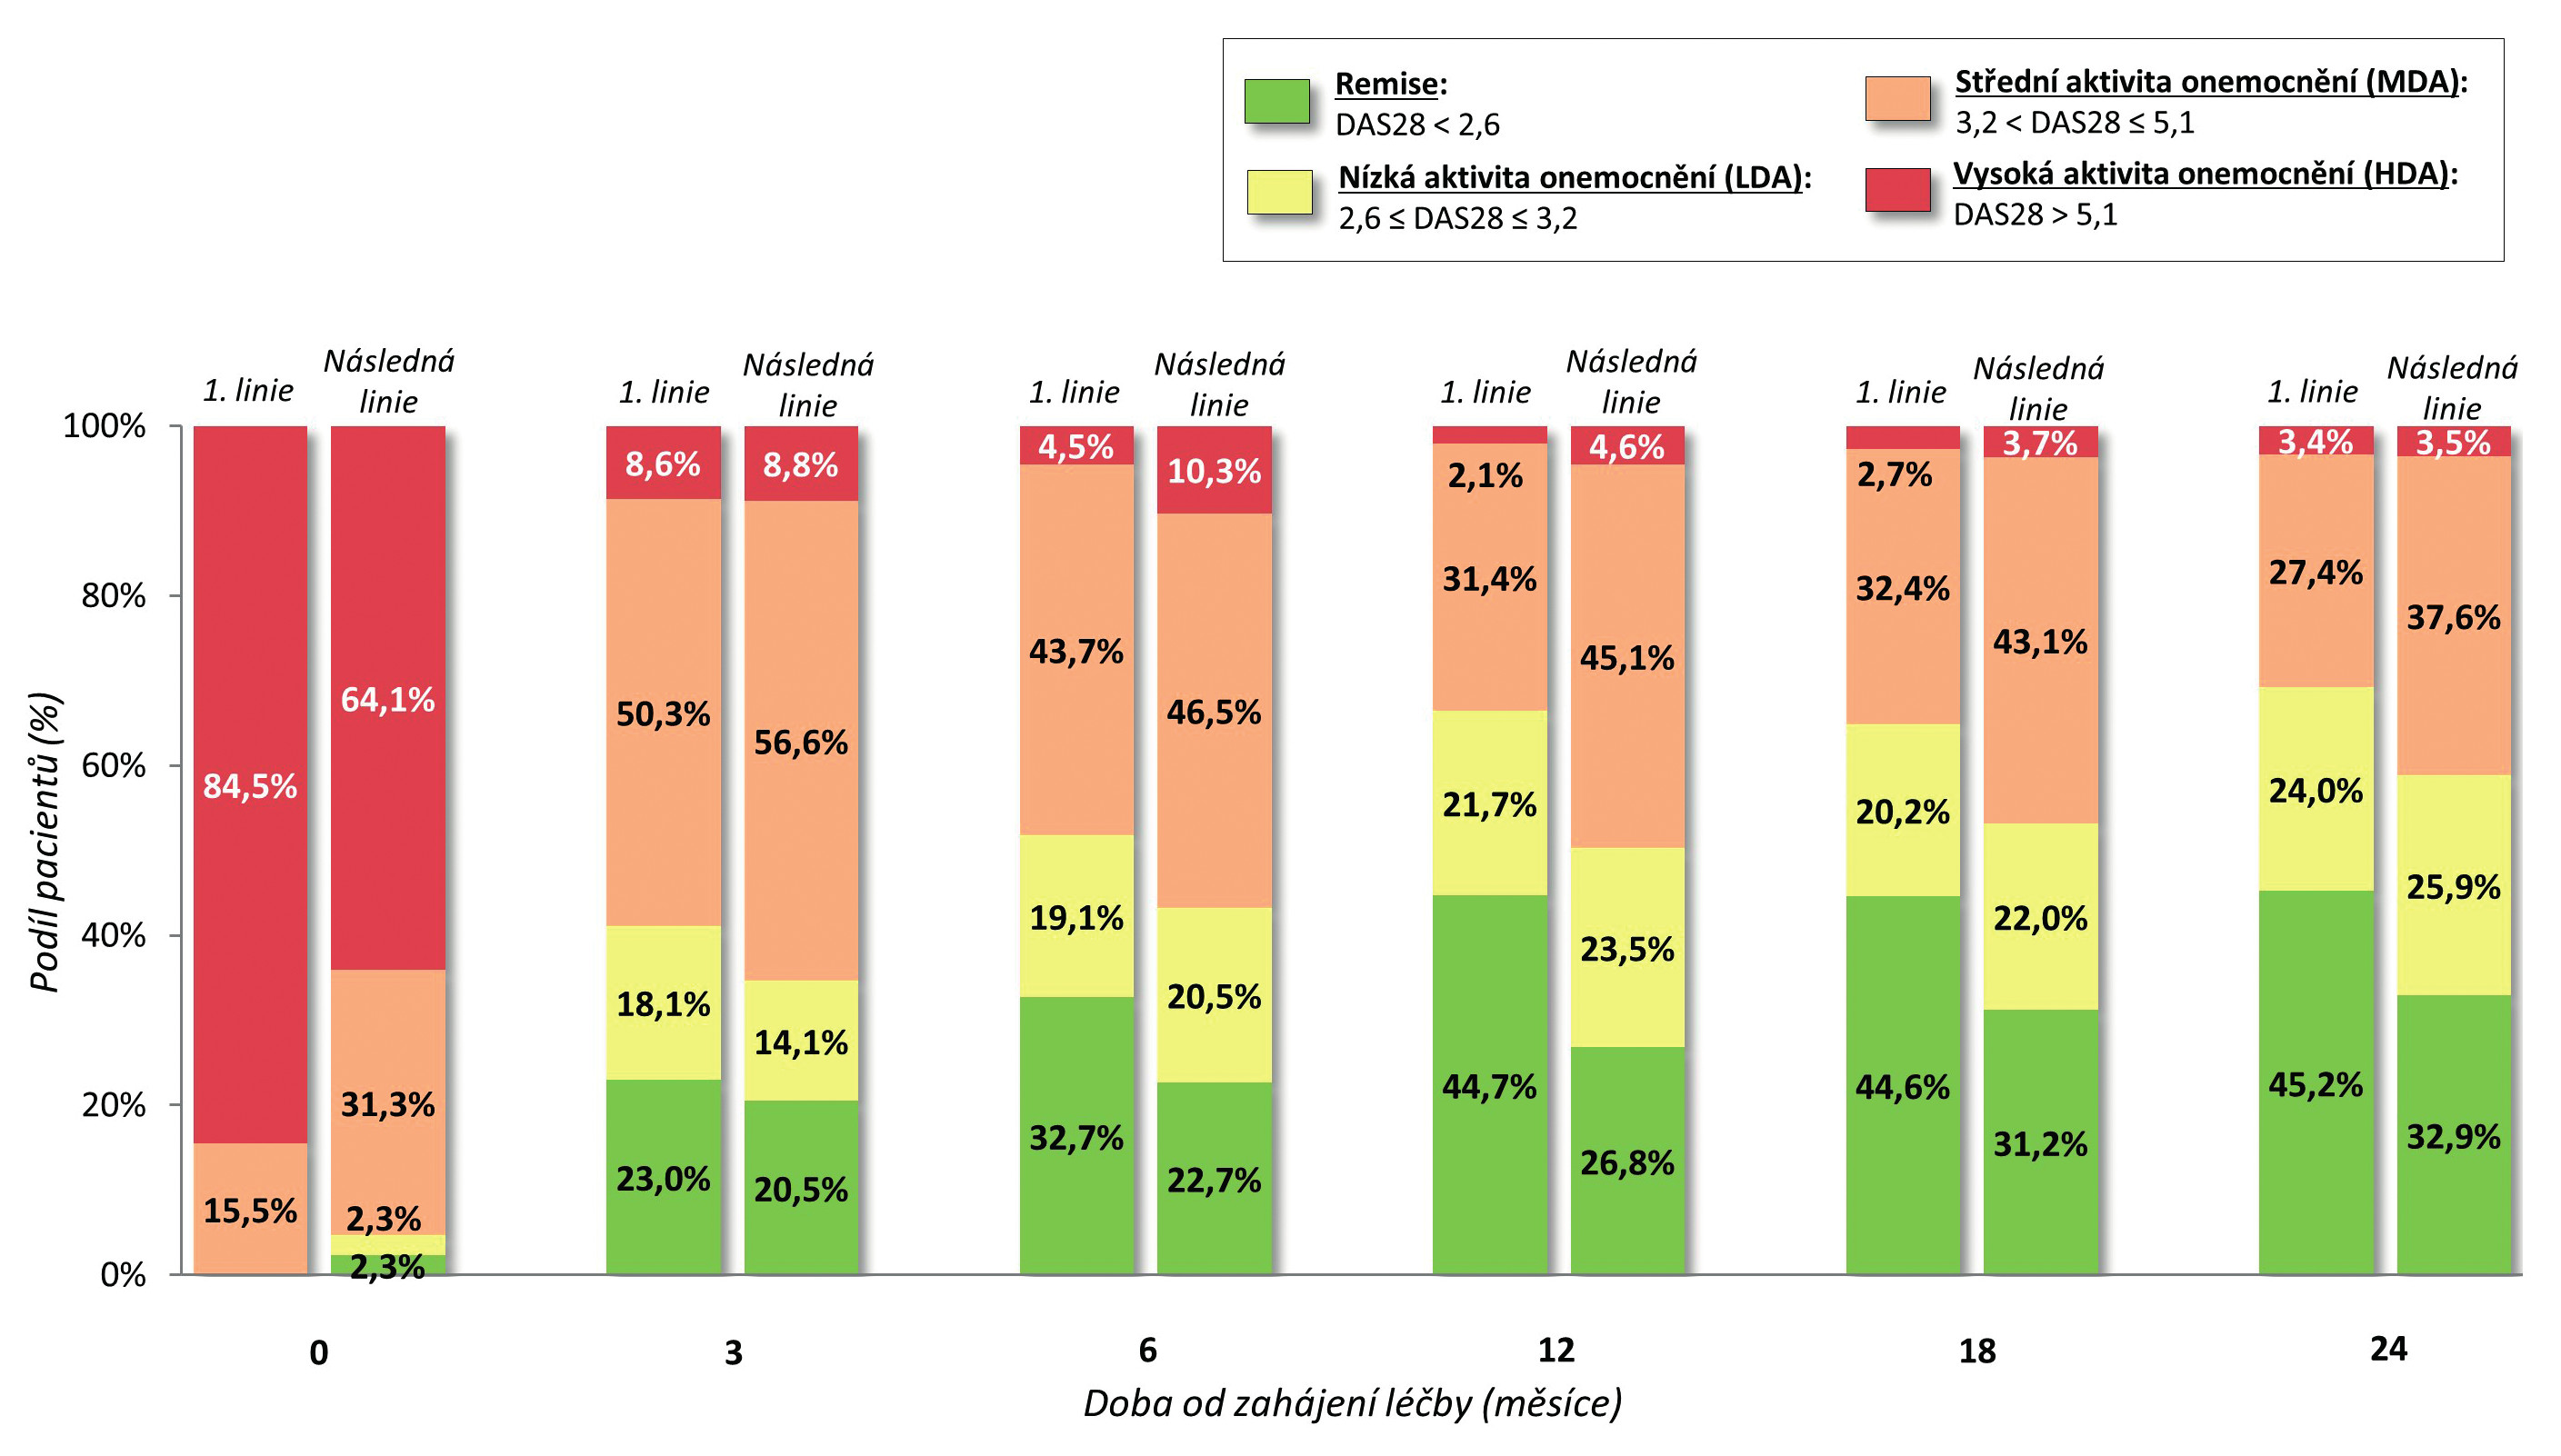 Obr. 1d Aktivita onemocnění dle DAS 28 u první a následné linie léčby adalimumabem – dosažení remise a nízké aktivity onemocnění.